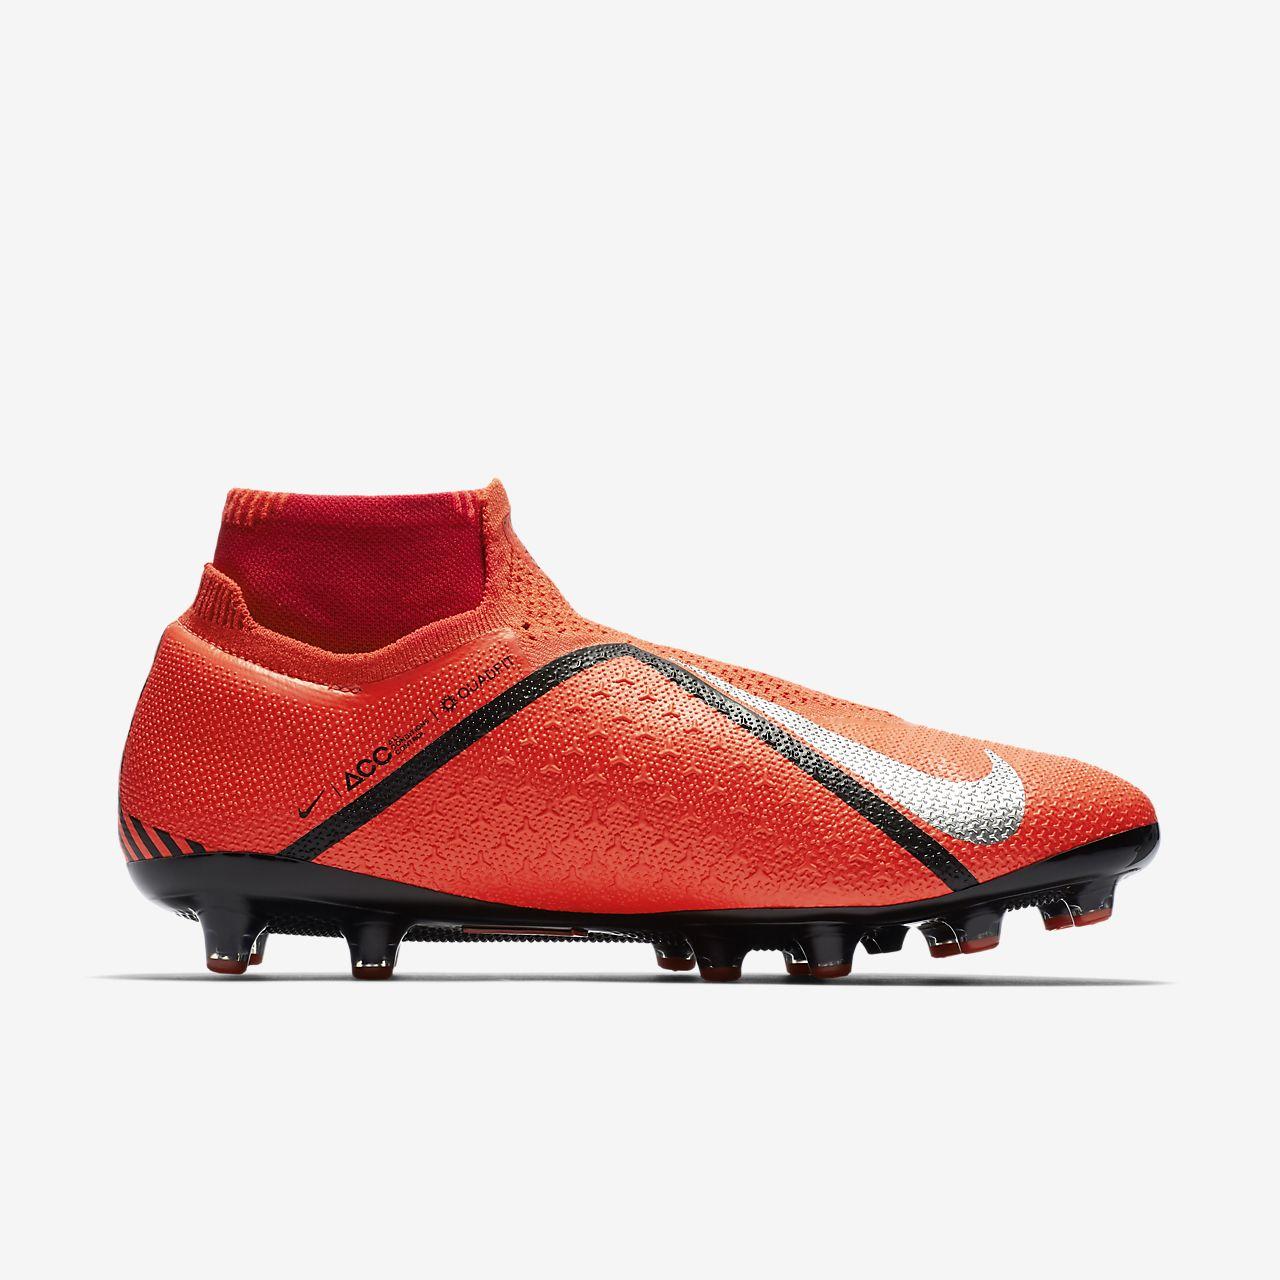 buy popular 83d55 6e4e0 ... Calzado de fútbol para pasto artificial Nike Phantom Vision Elite  Dynamic Fit